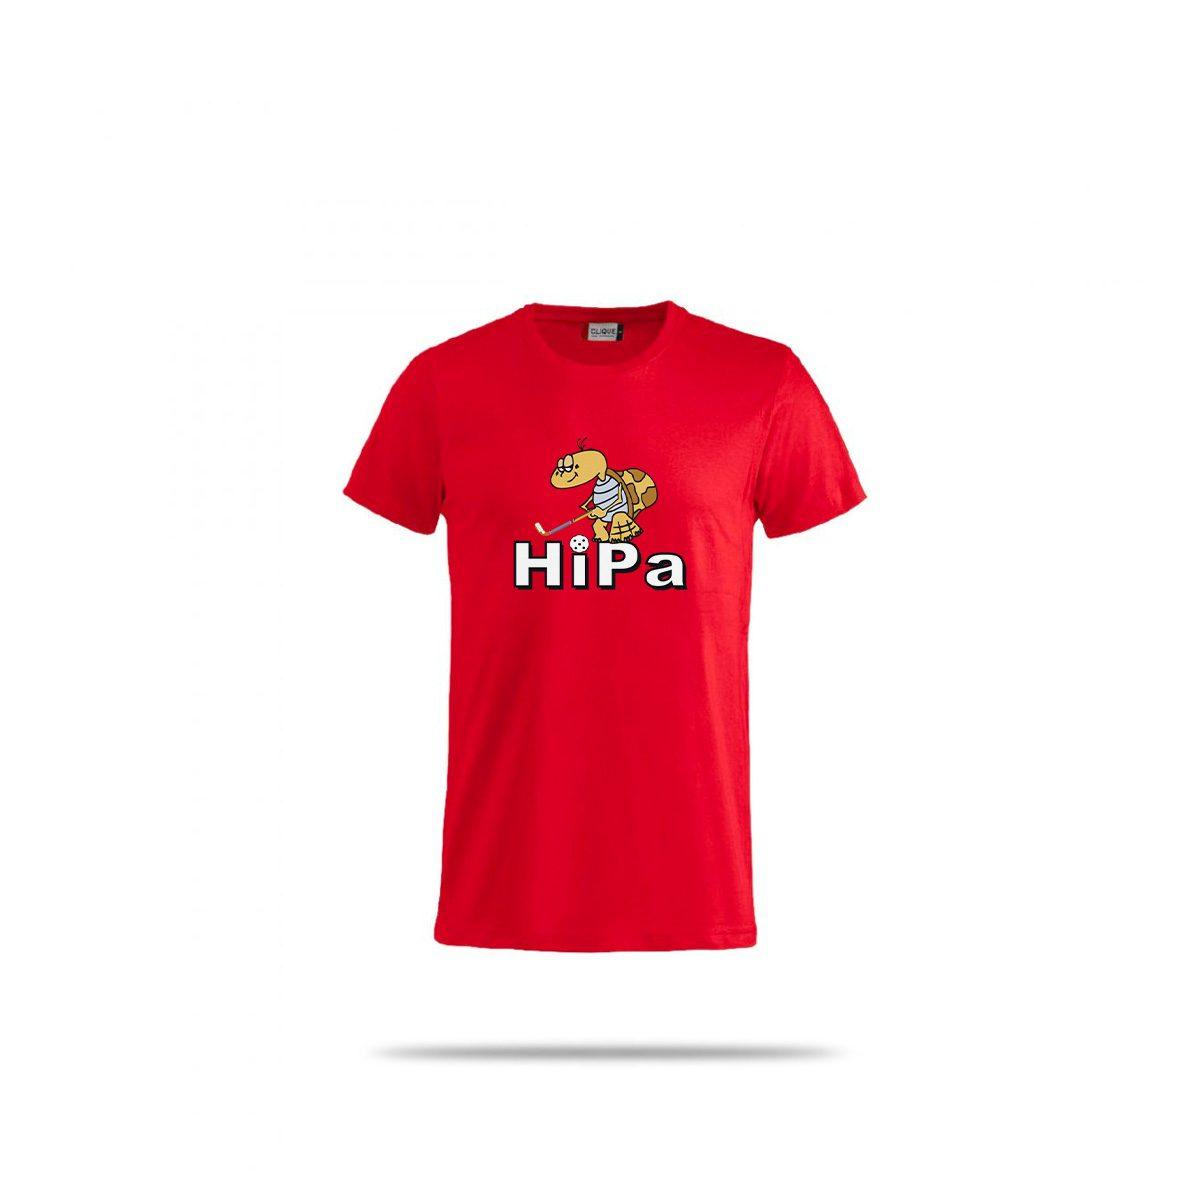 Hipa-3025